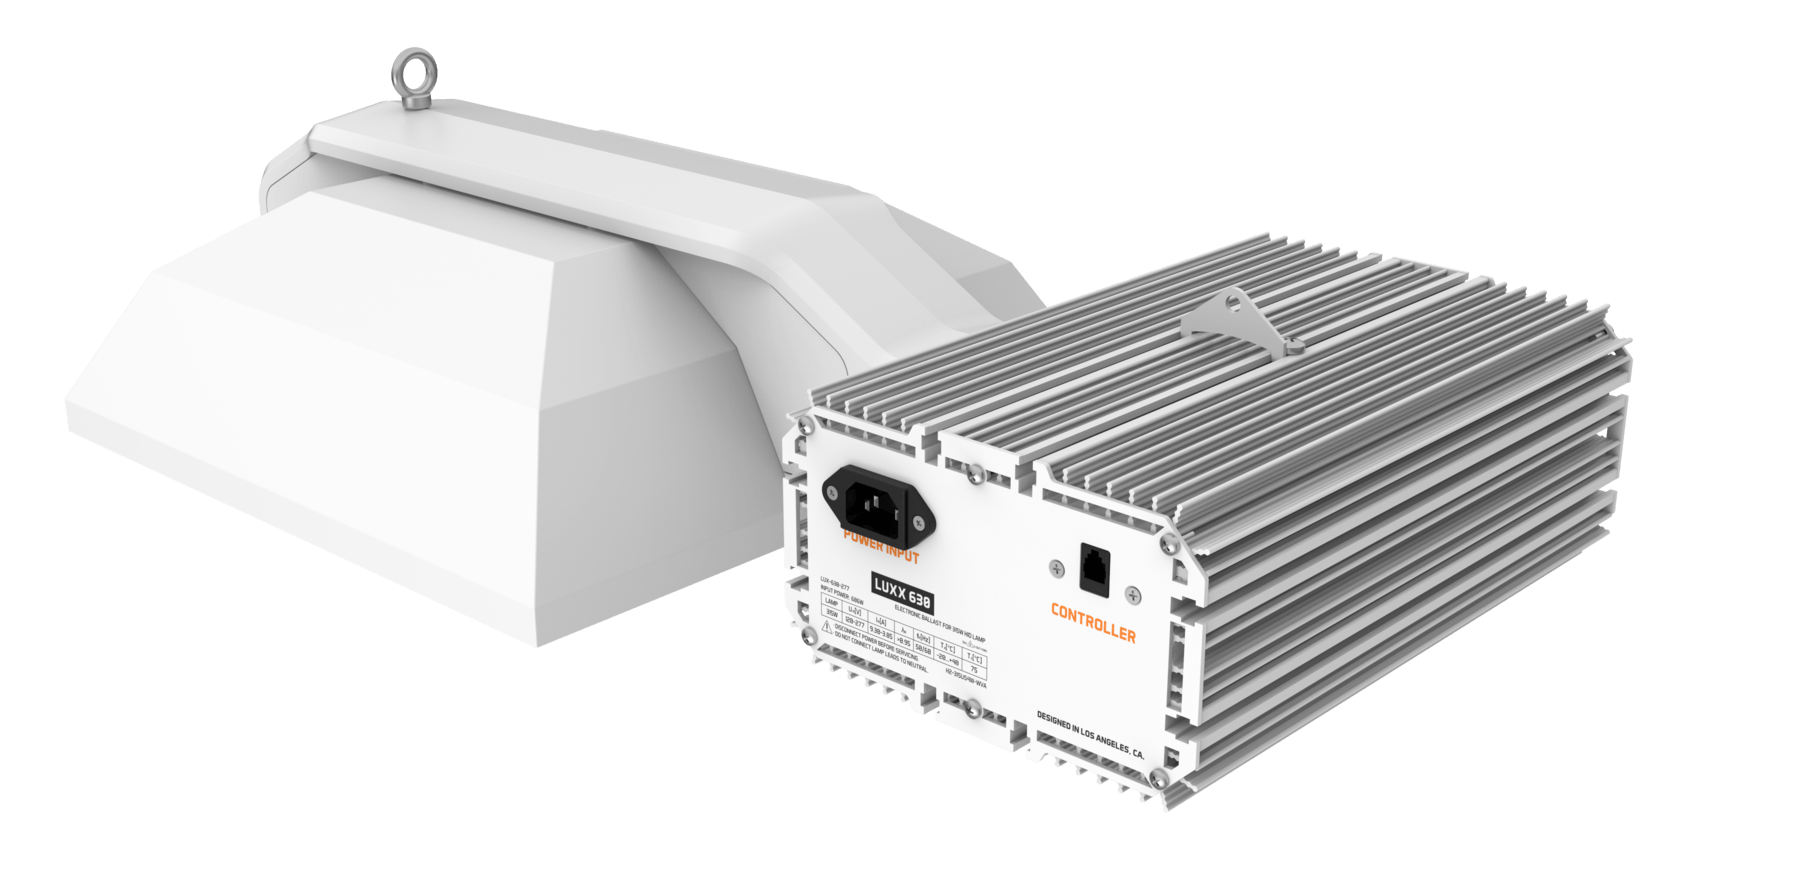 Equipo de iluminación de cultivo Luxx Lighting 630 W CMH